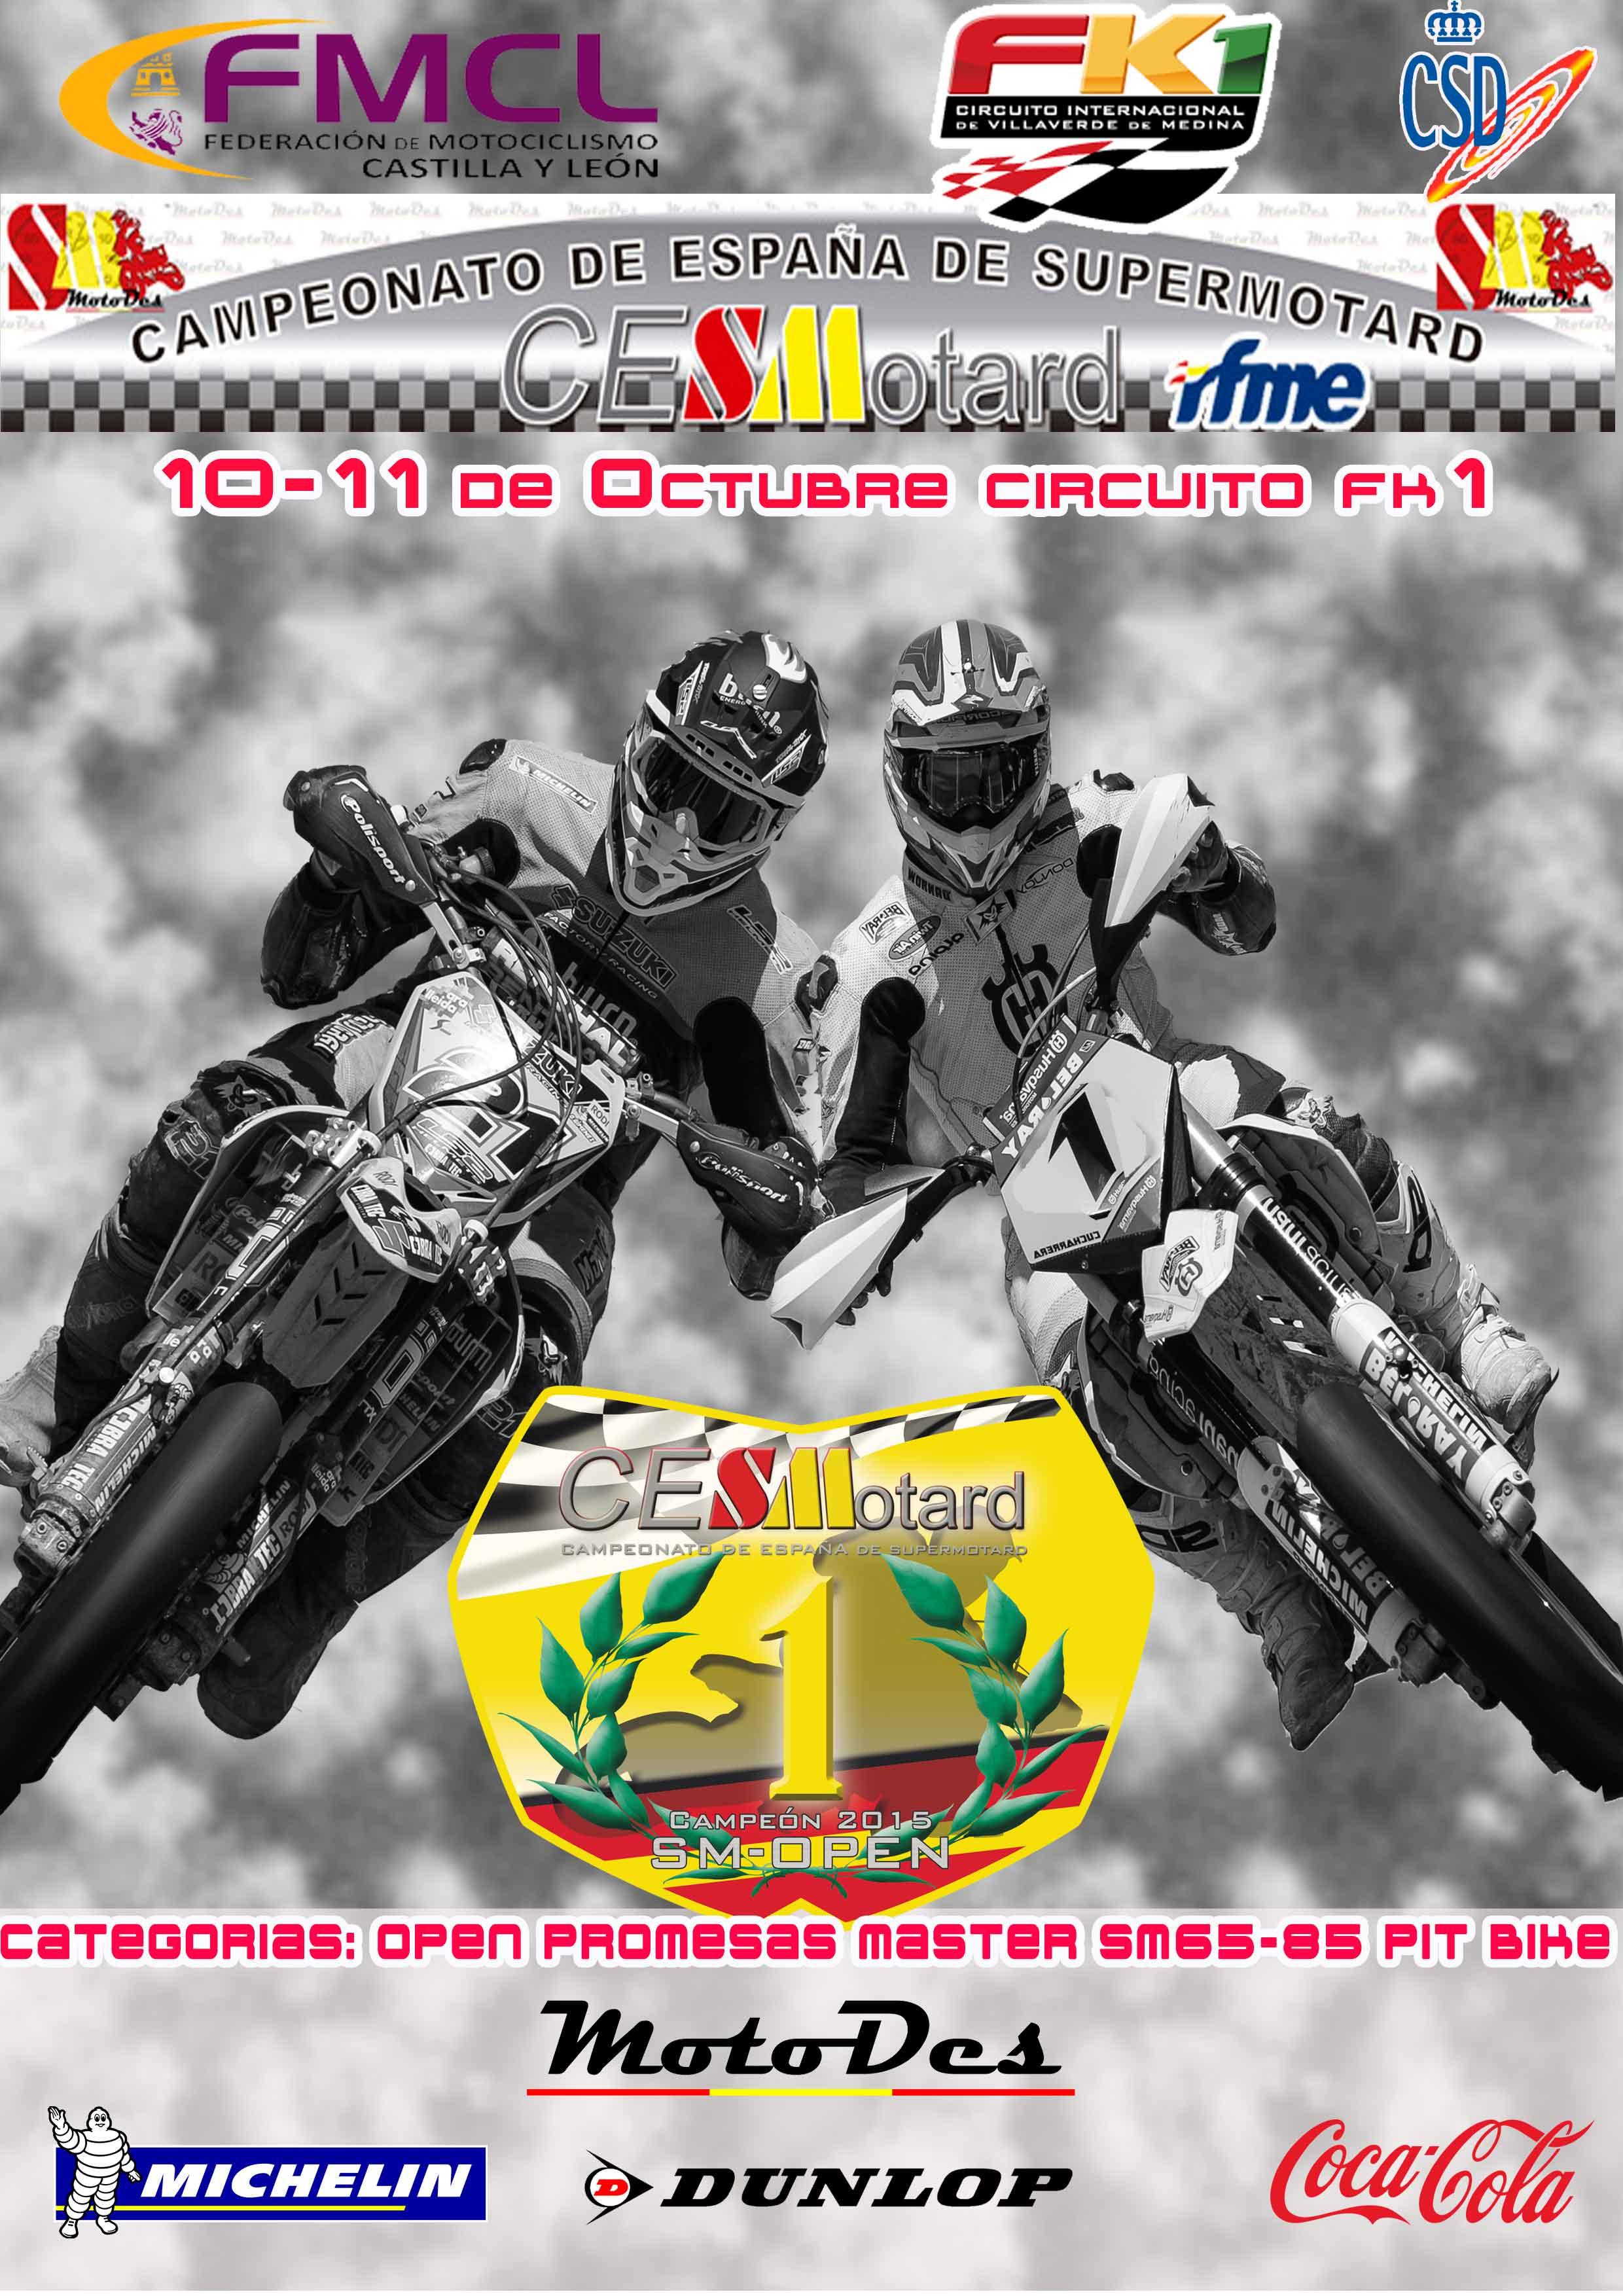 Circuito Fk1 : Rfme campeonato de españa de supermotard villaverde de